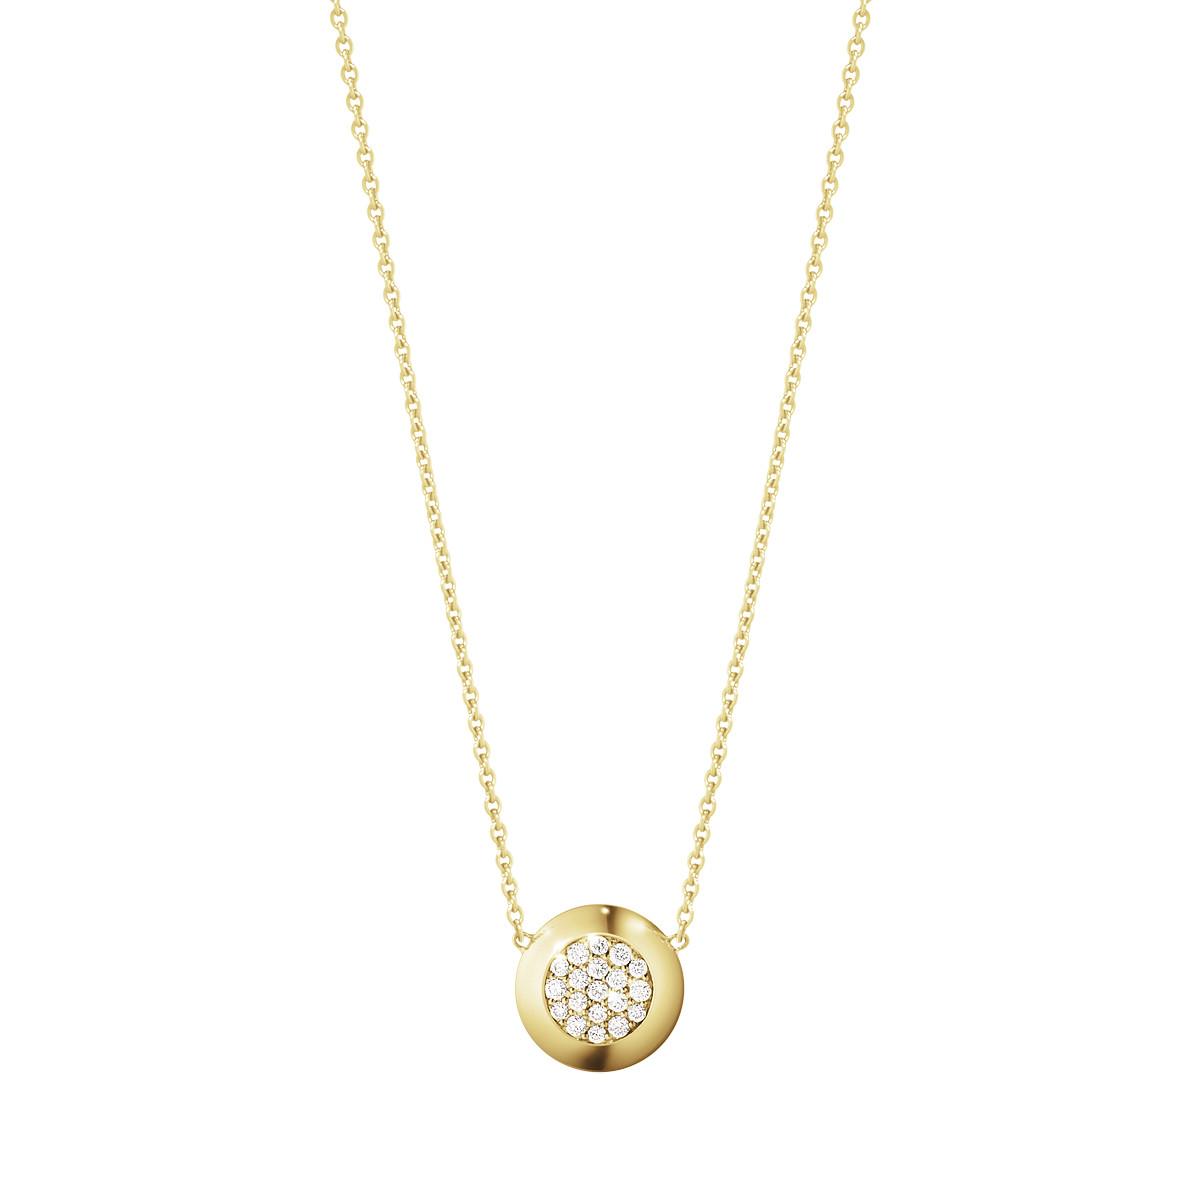 Georg jensen aurora halssmykke med diamant - 10002182 fra georg jensen - smykker på brodersen + kobborg